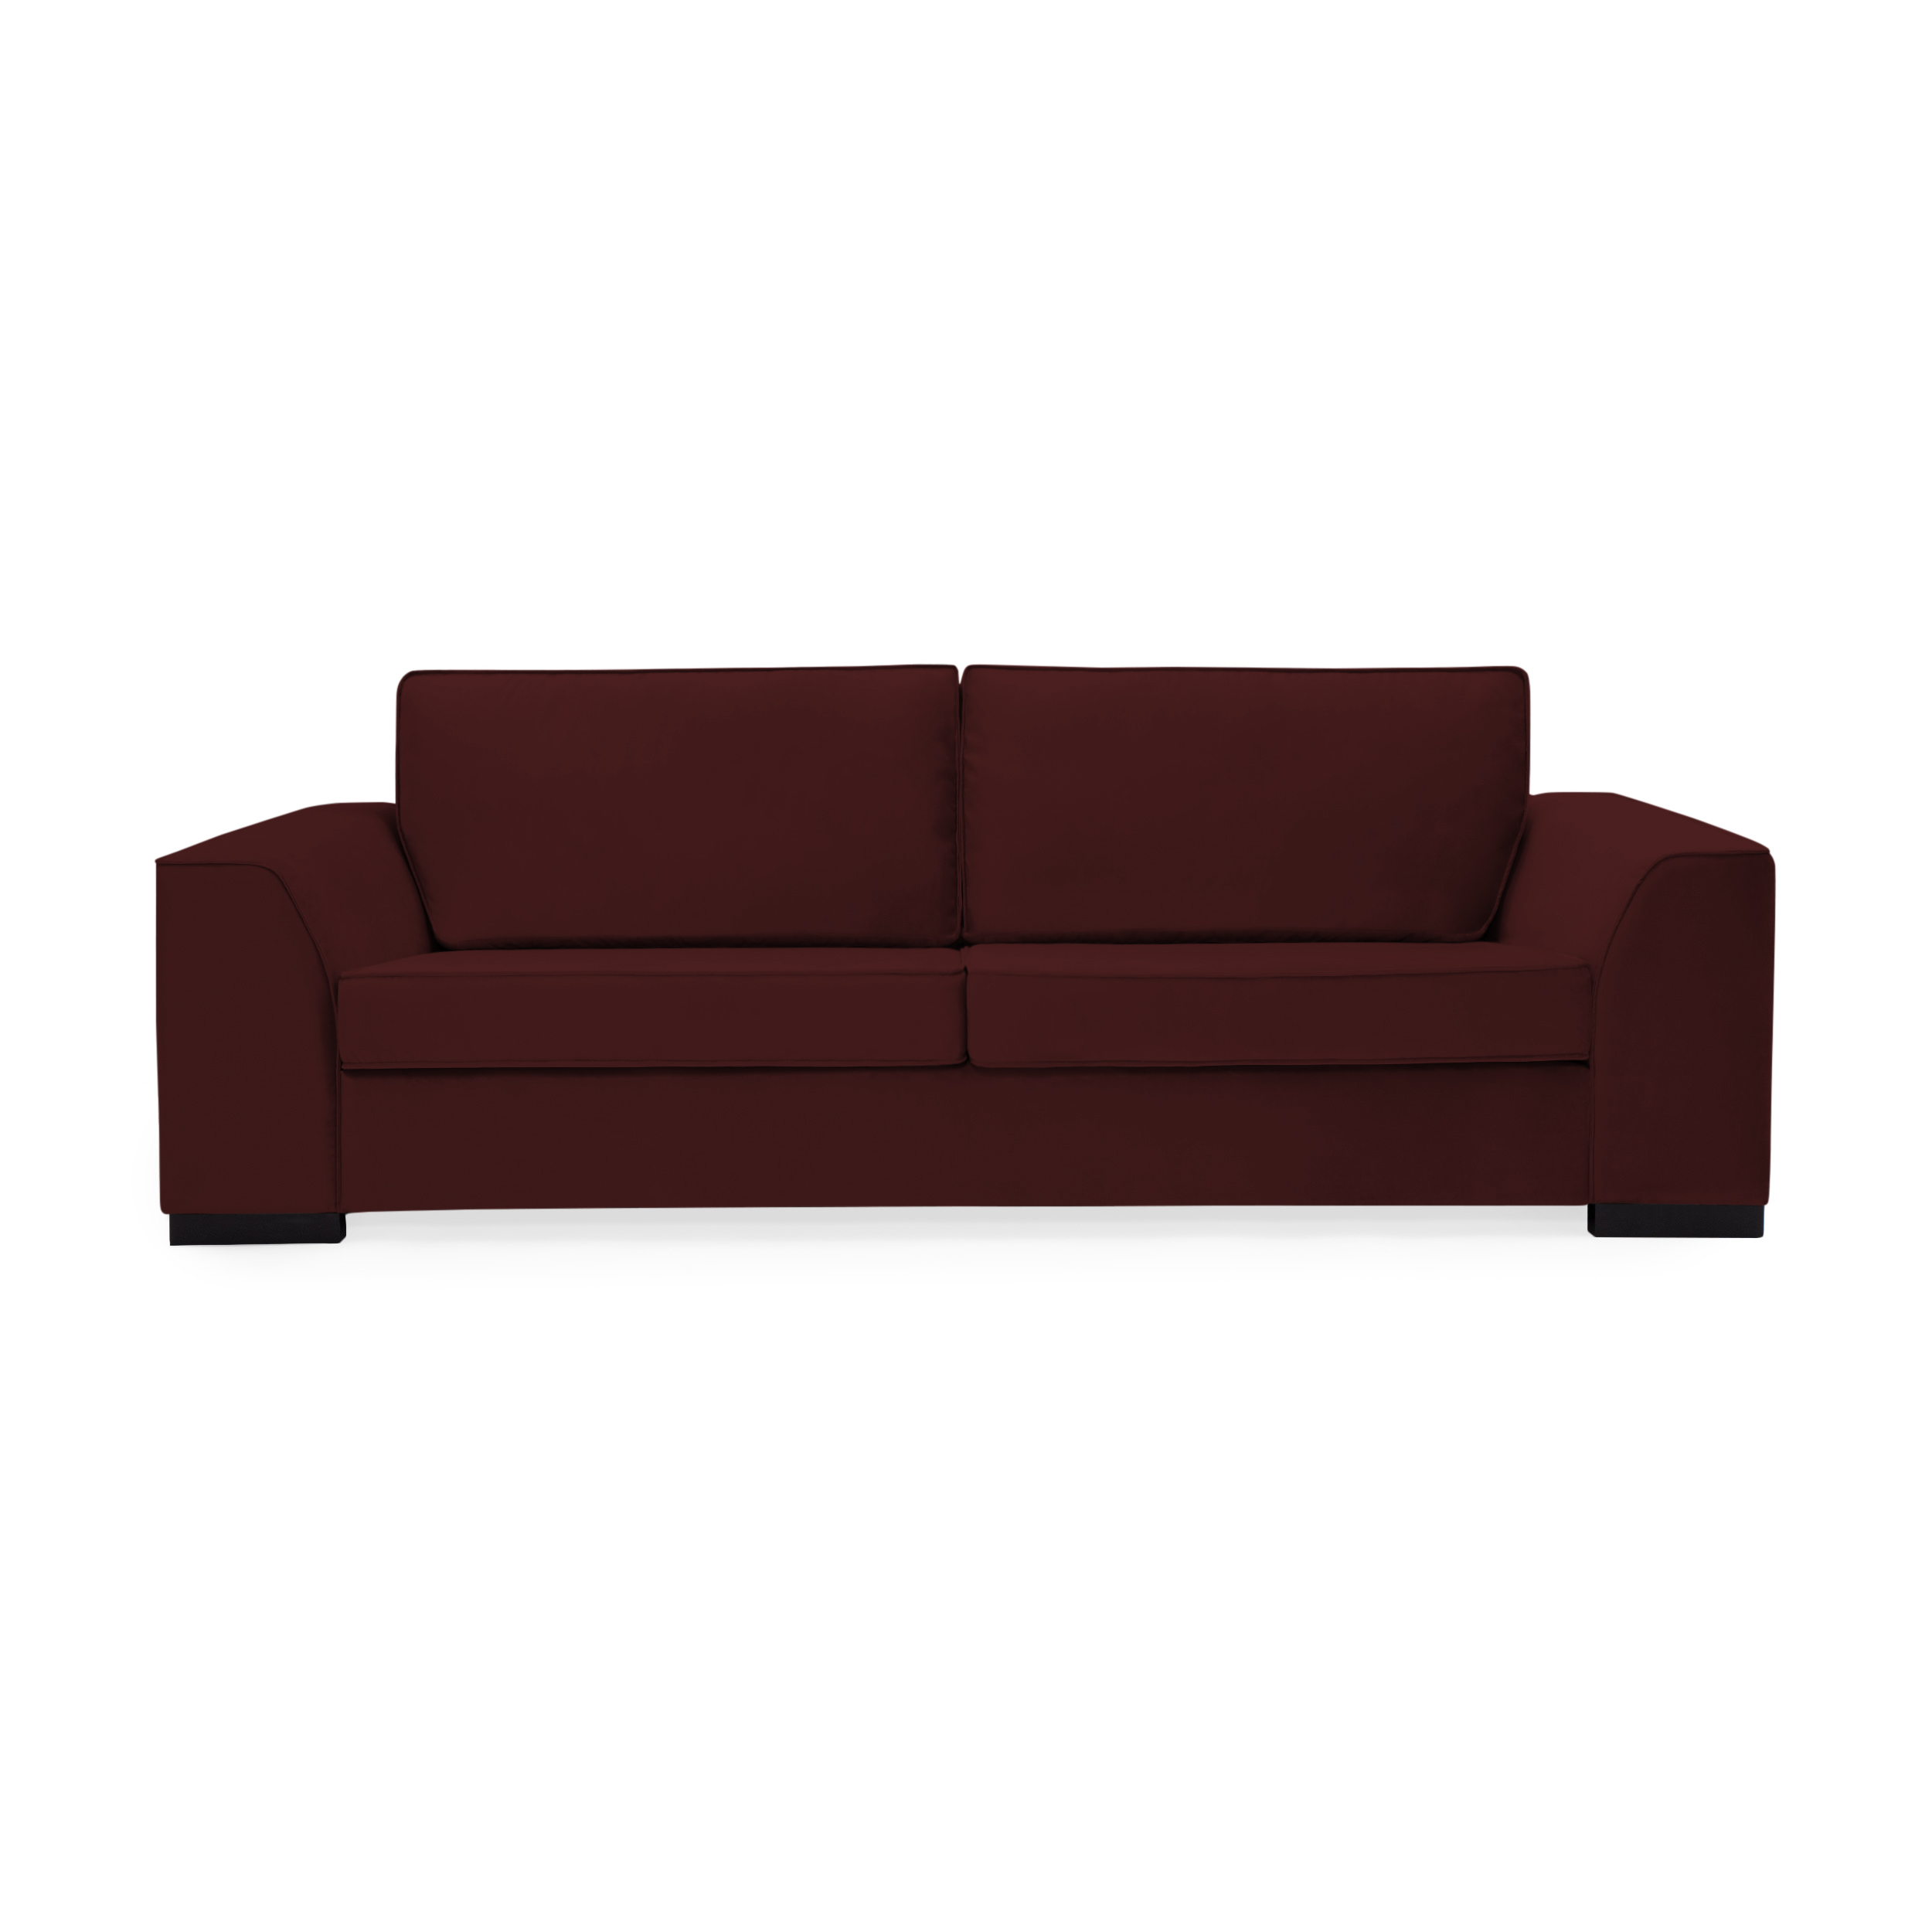 Canapea 3 locuri Bronson Burgundy Red